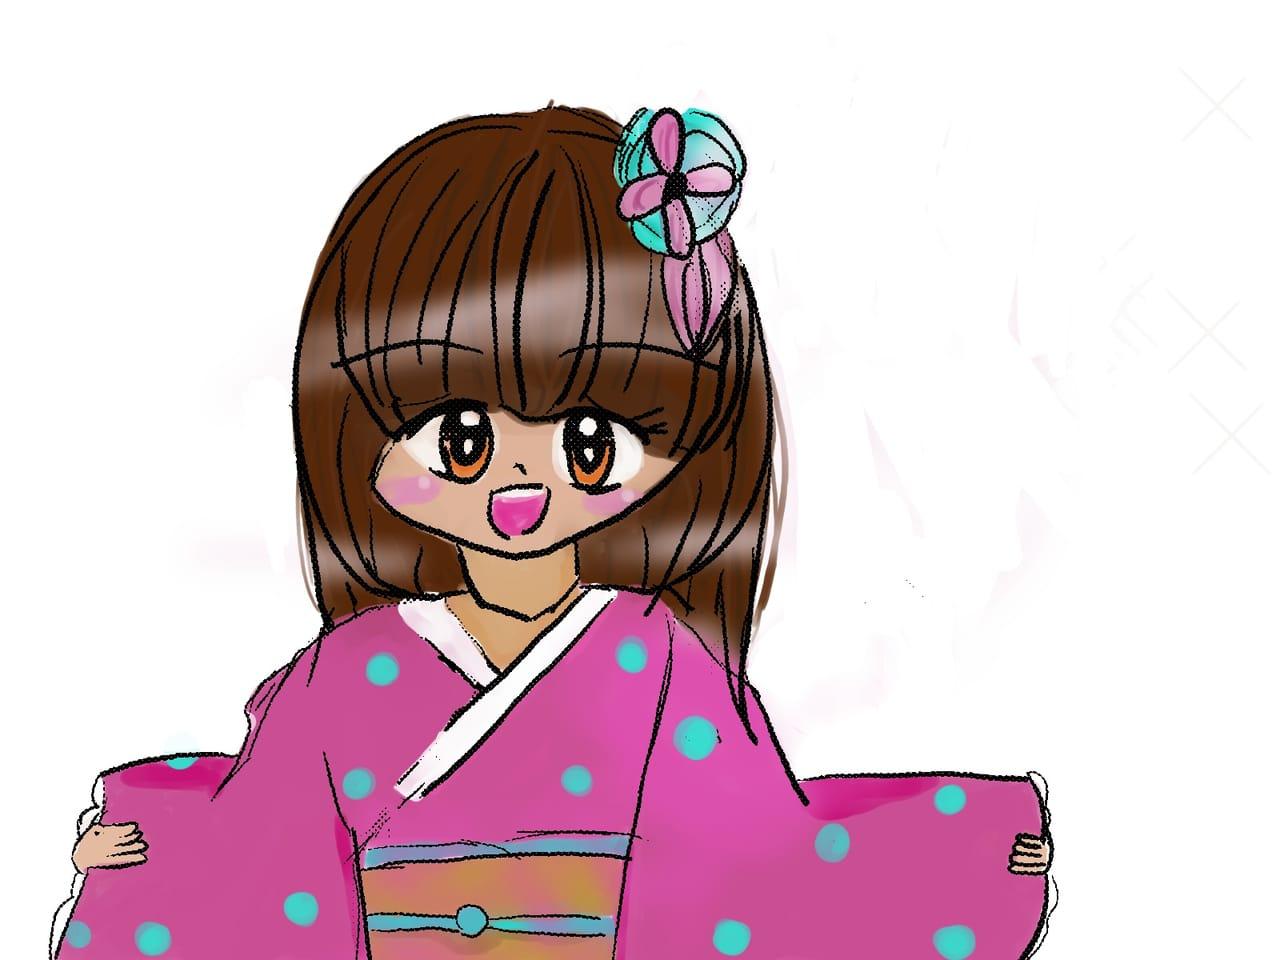 初めてデジタルで描いたやつ Illust of れもん#お味噌汁崇拝 メディバンペイント kimono 初描き digital girl kawaii